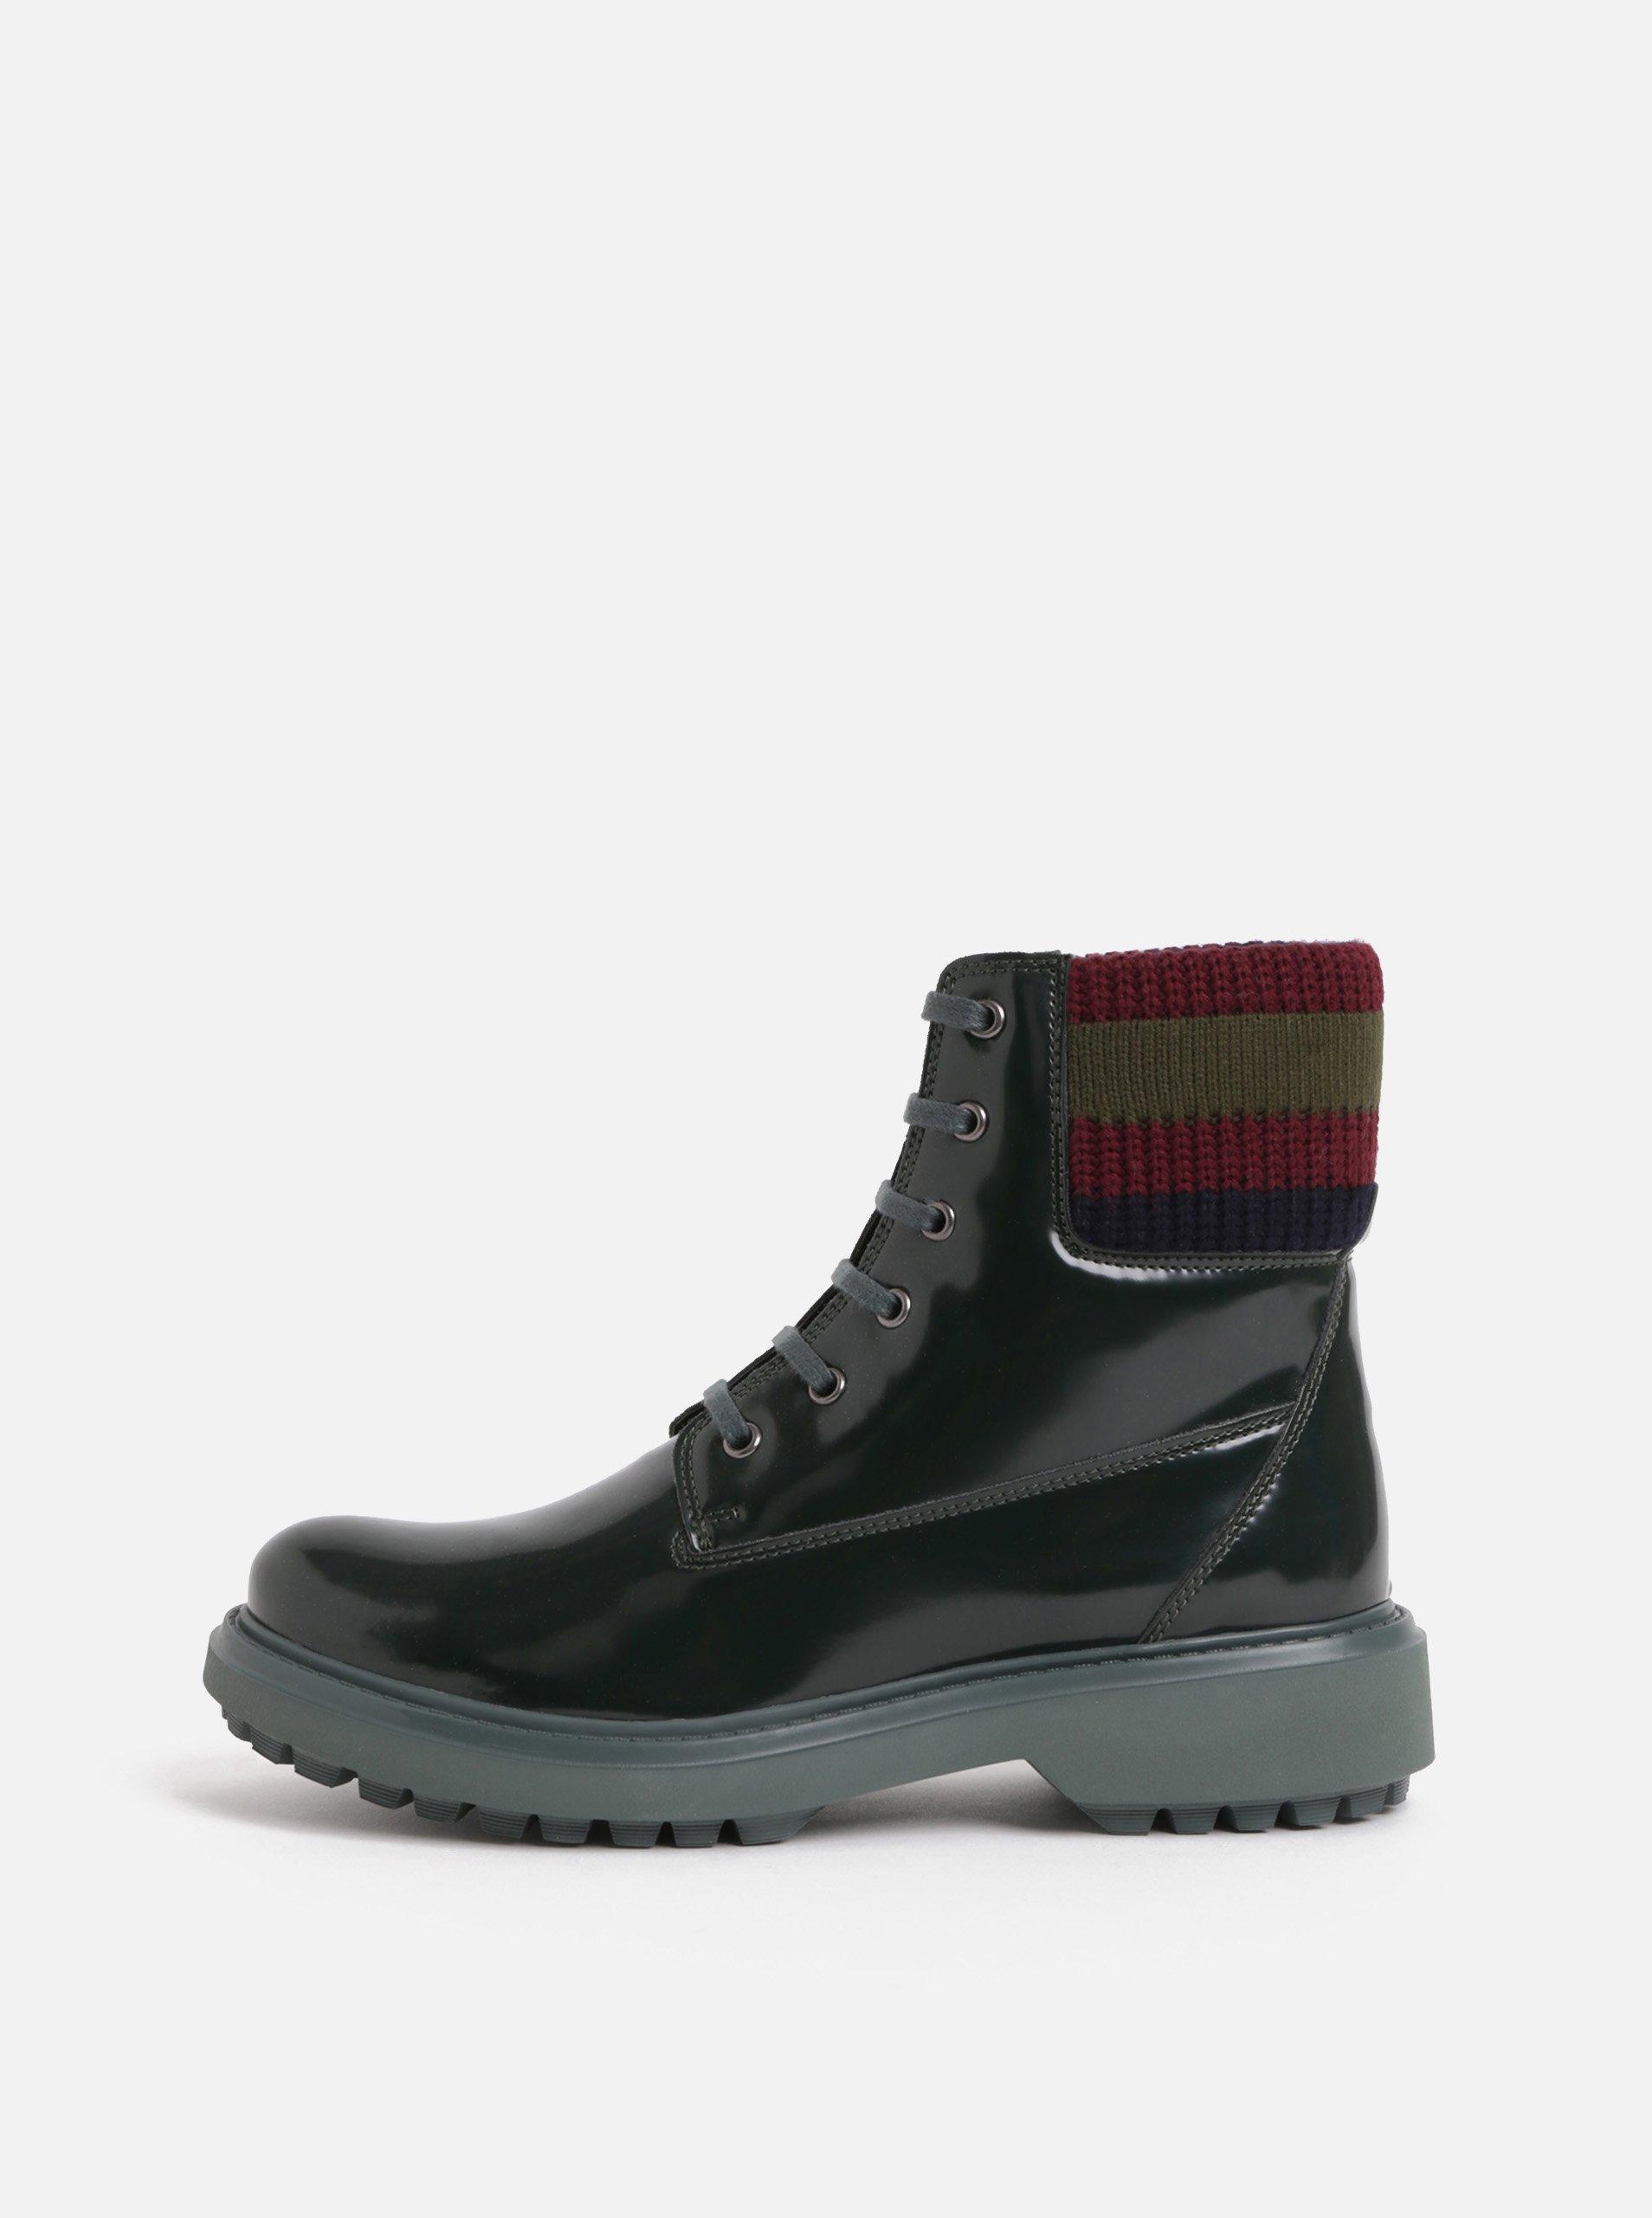 Tmavě zelené dámské kotníkové boty s úpletovým lemem Geox Asheely